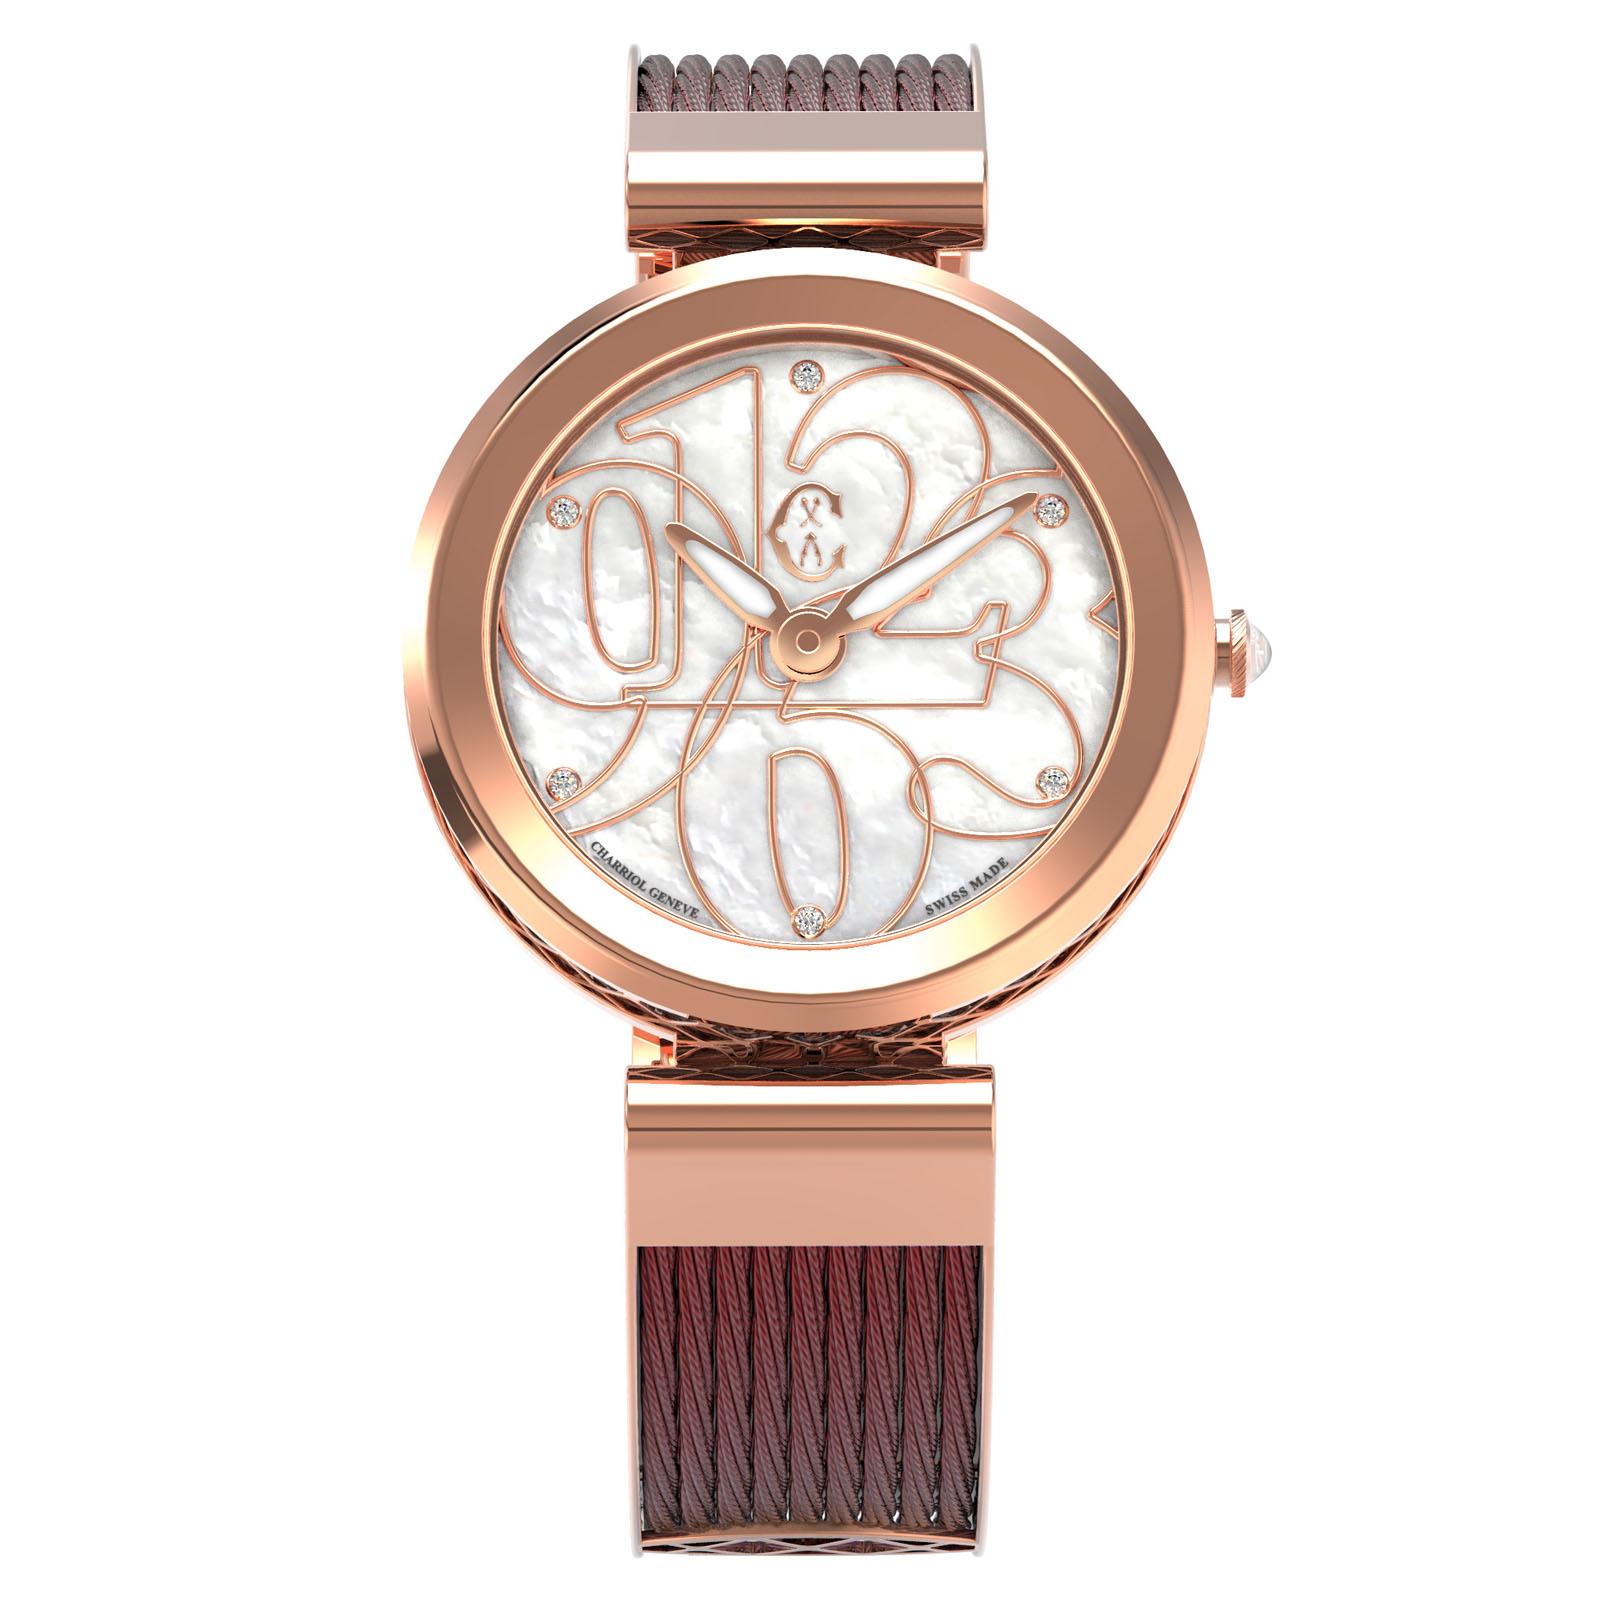 CHARRIOL夏利豪(FE32.R02.002)Forever系列半鋼索數字時尚腕錶/珍珠母貝面32mm